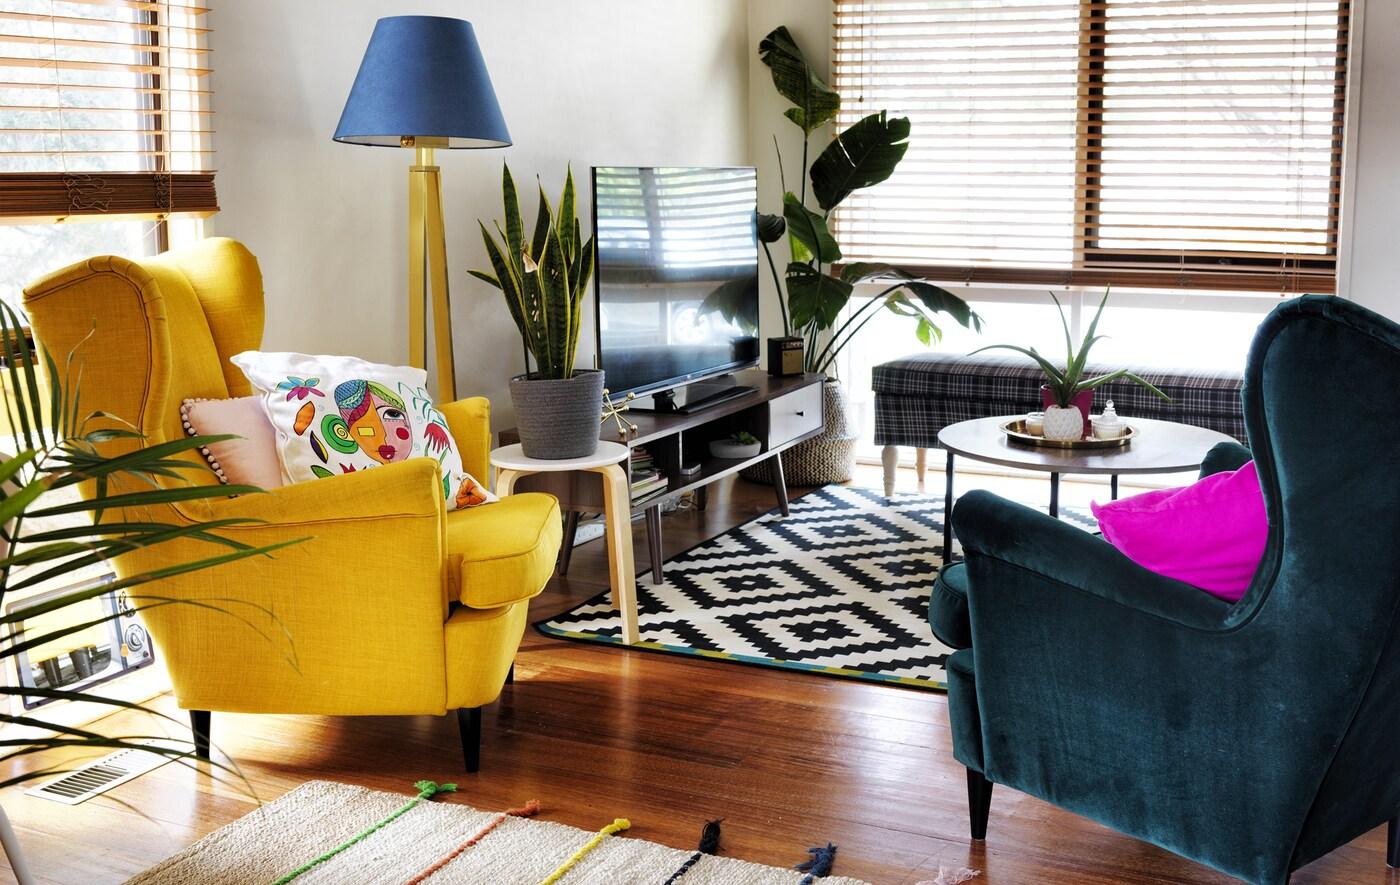 Dnevna soba s dvije fotelje žute i tamnozelene boje, crno-bijelim tepihom i jedinicom za TV.